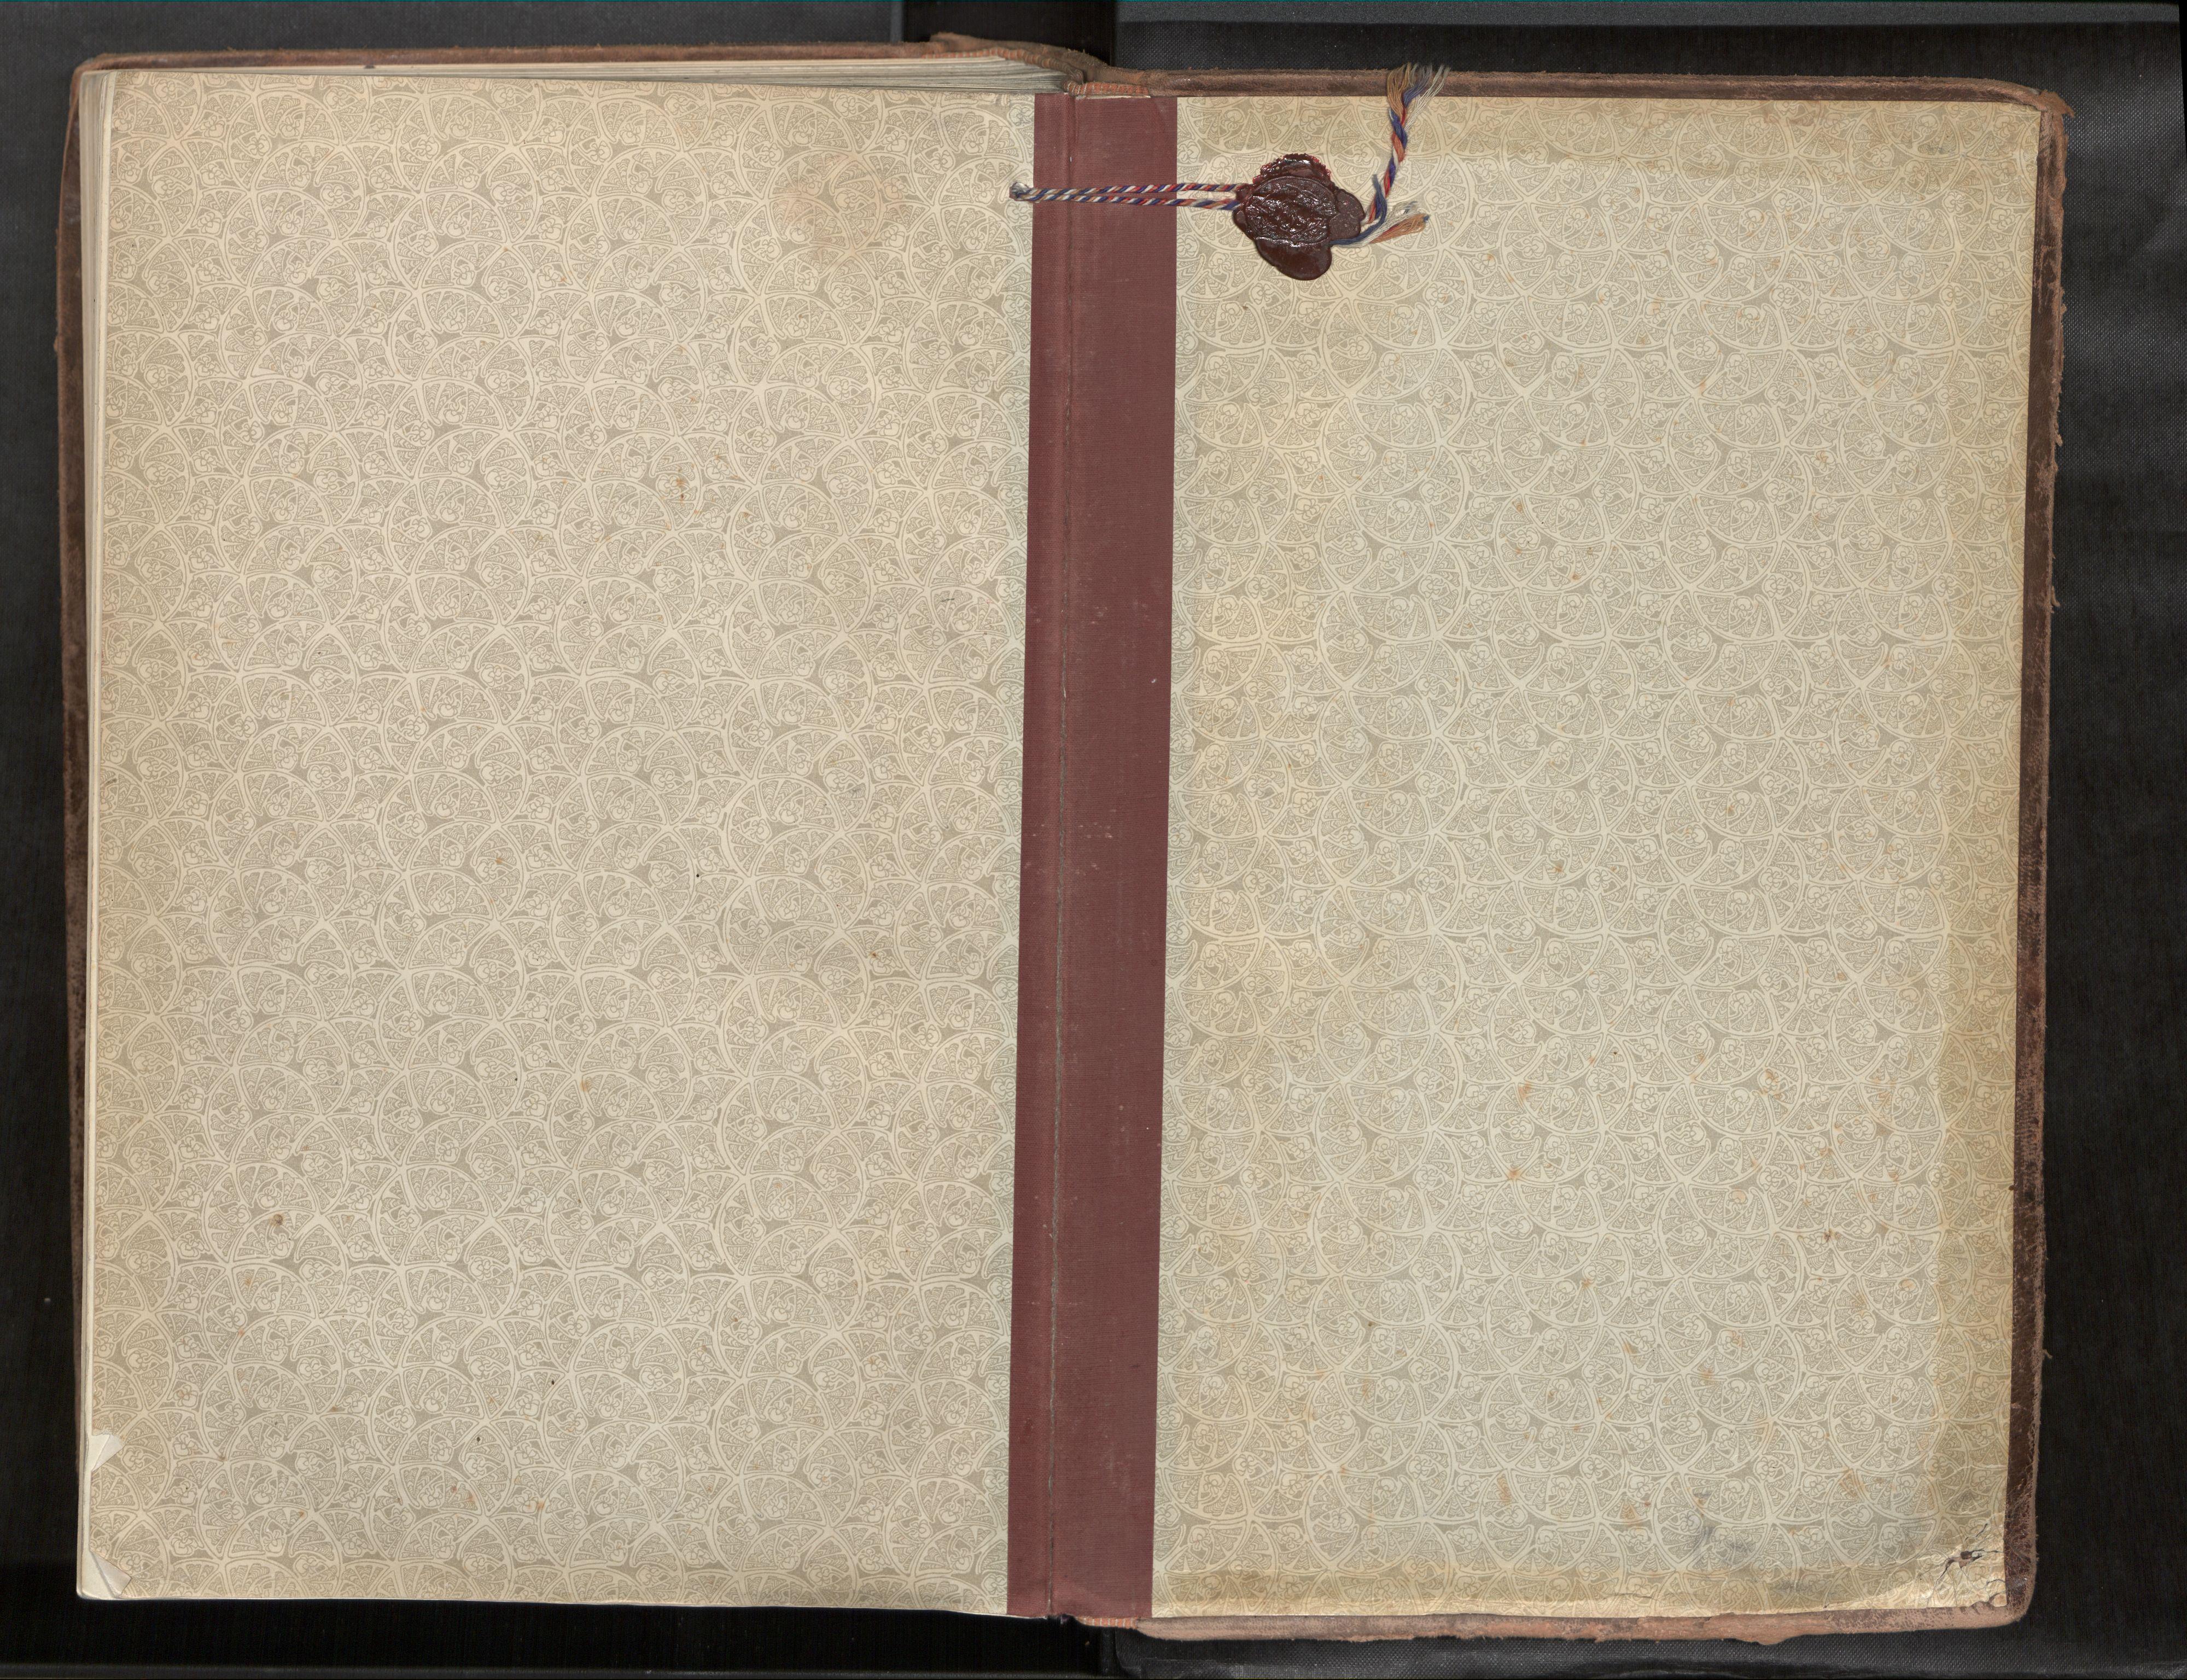 SAT, Verdal sokneprestkontor*, Ministerialbok nr. 1, 1917-1932